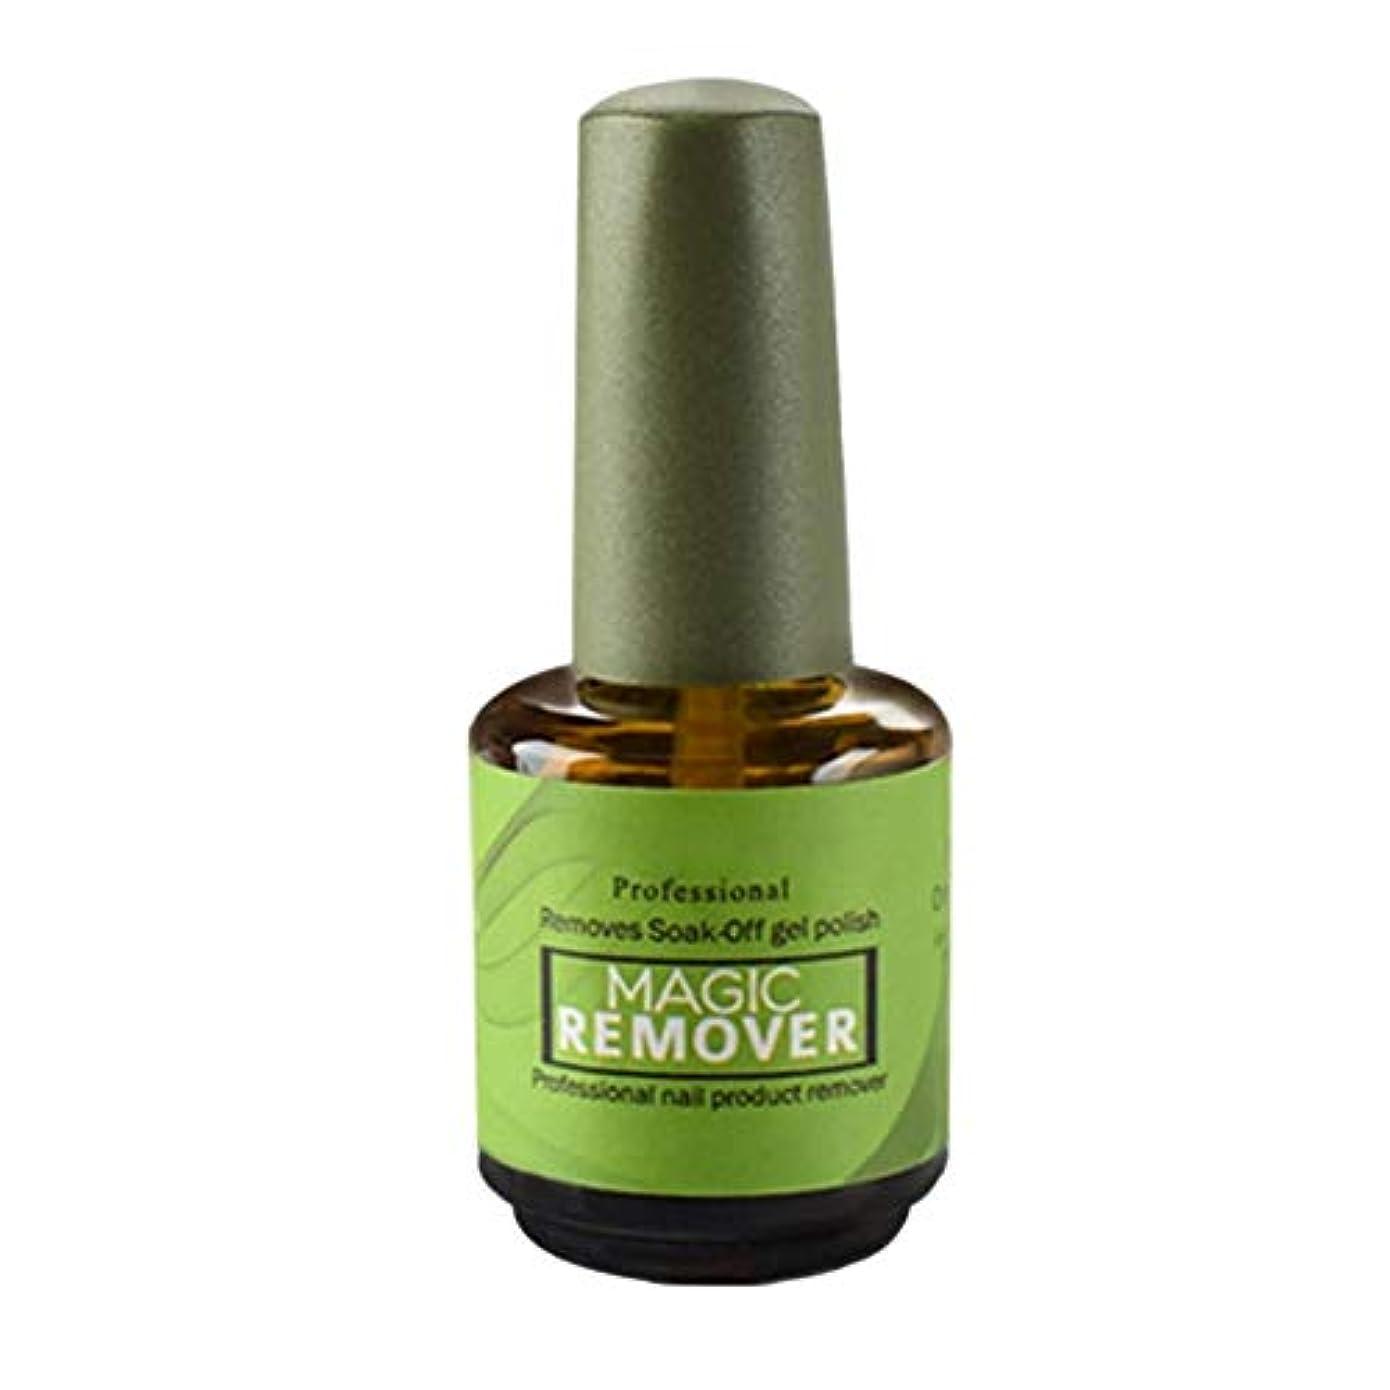 確かなライバル国家Lambowo マジックリムーバーがネイルポリッシュを拭き取ると、ジェルプロフェッショナルバーストクリーン脱脂剤が除去されます